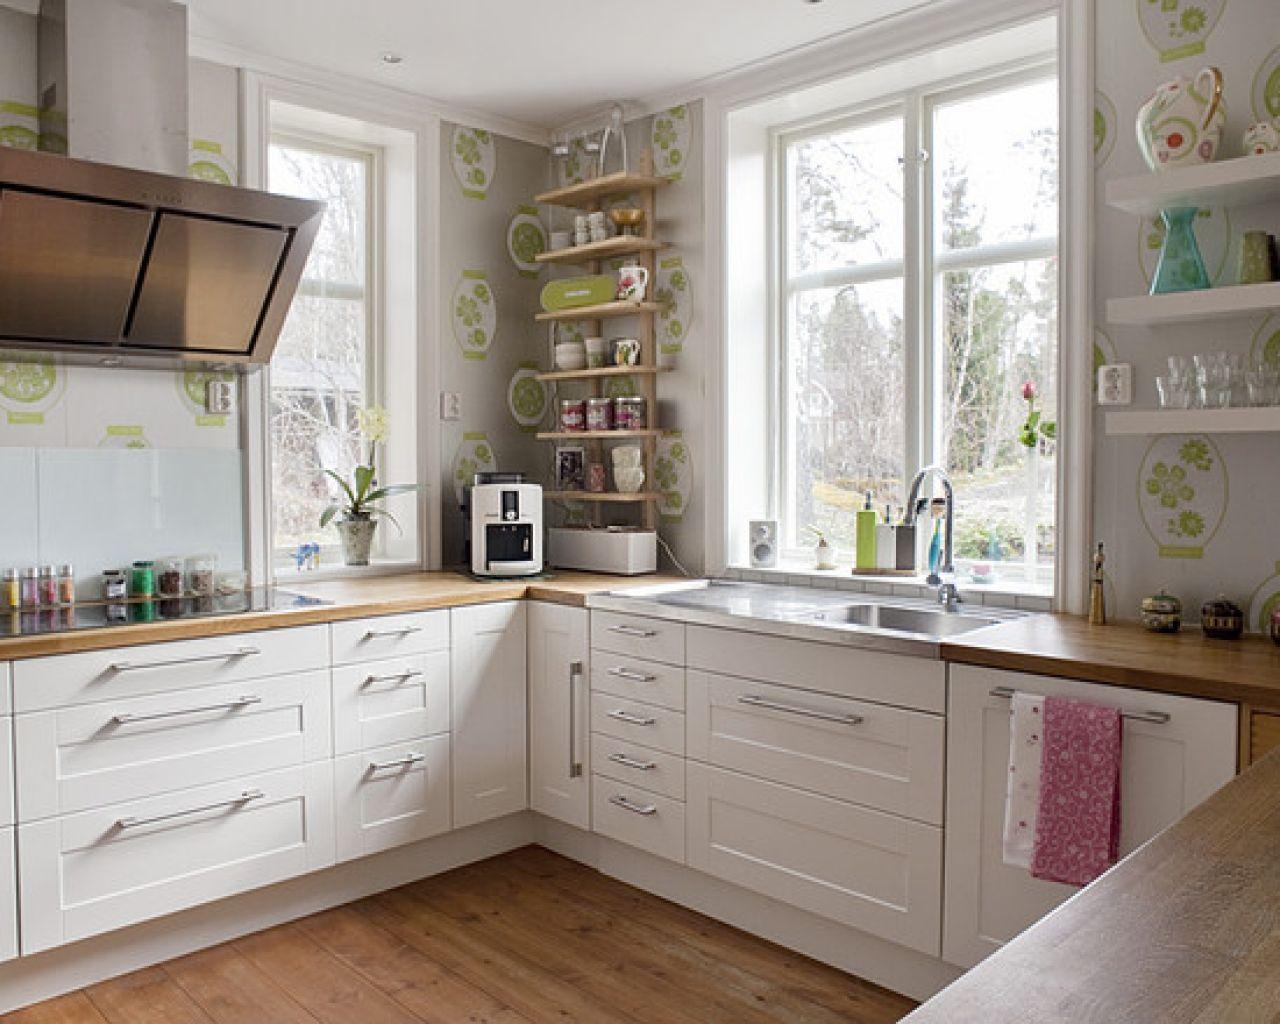 ikea esszimmer komplett kuche kaufen roller gunstige kuchen angebote komplett mit. Black Bedroom Furniture Sets. Home Design Ideas